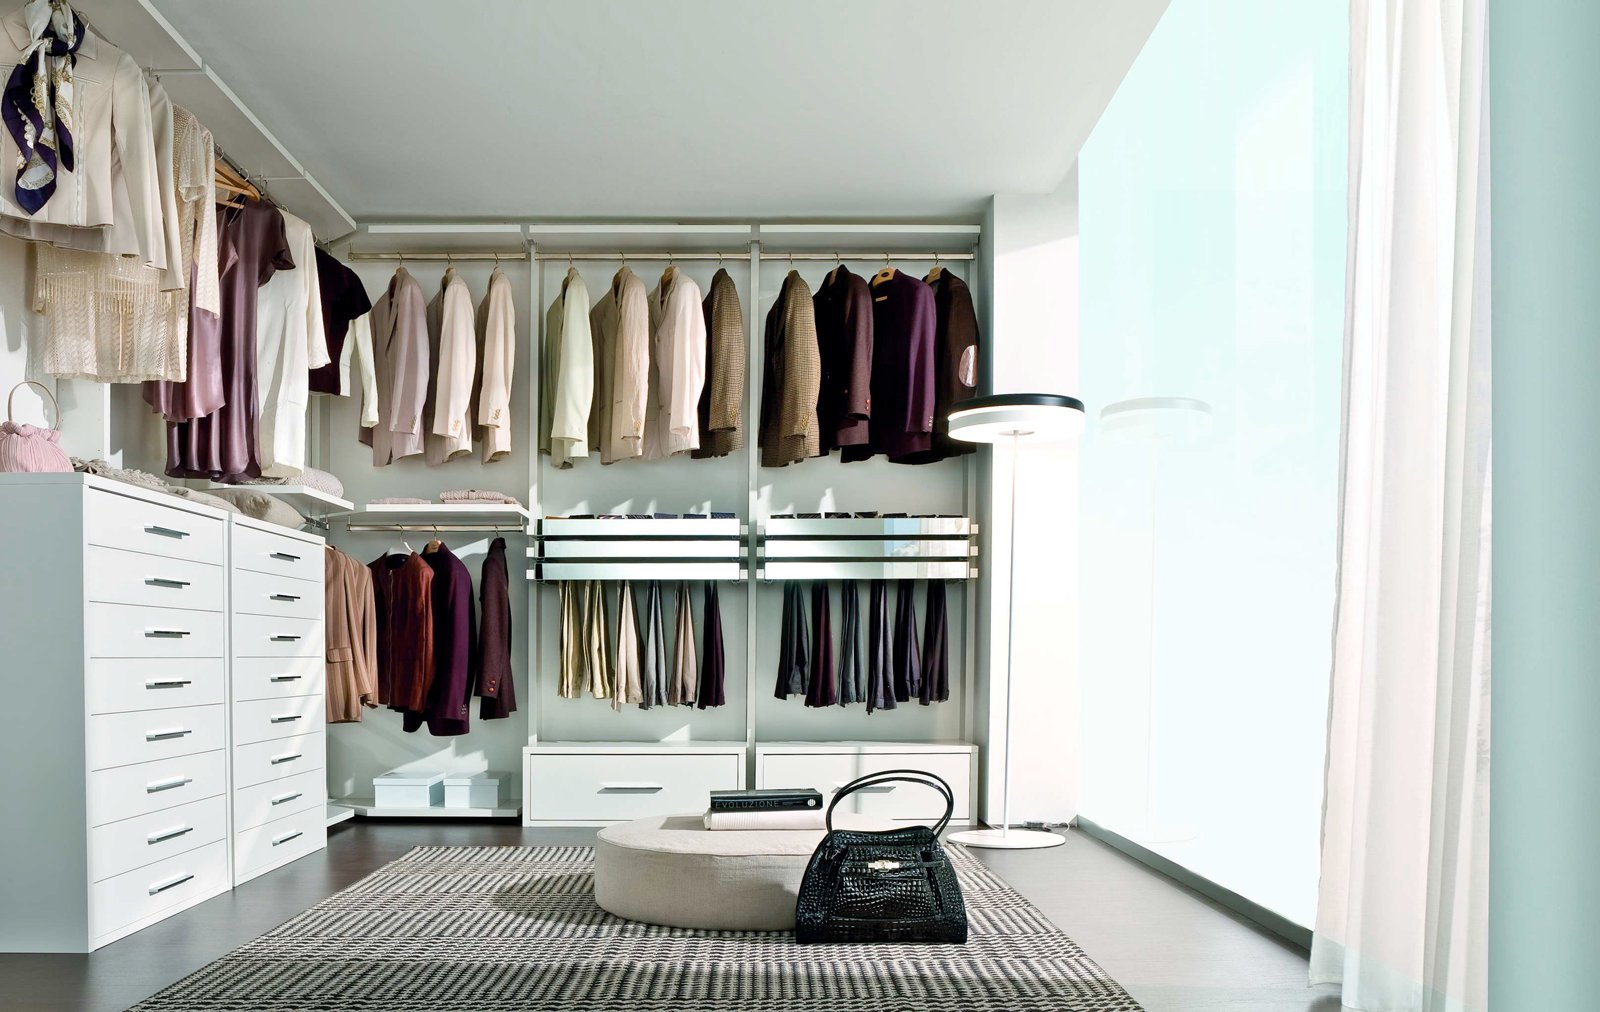 Cabine Armadio Flou Prezzi : Cabine armadio soluzione trendy cose di casa